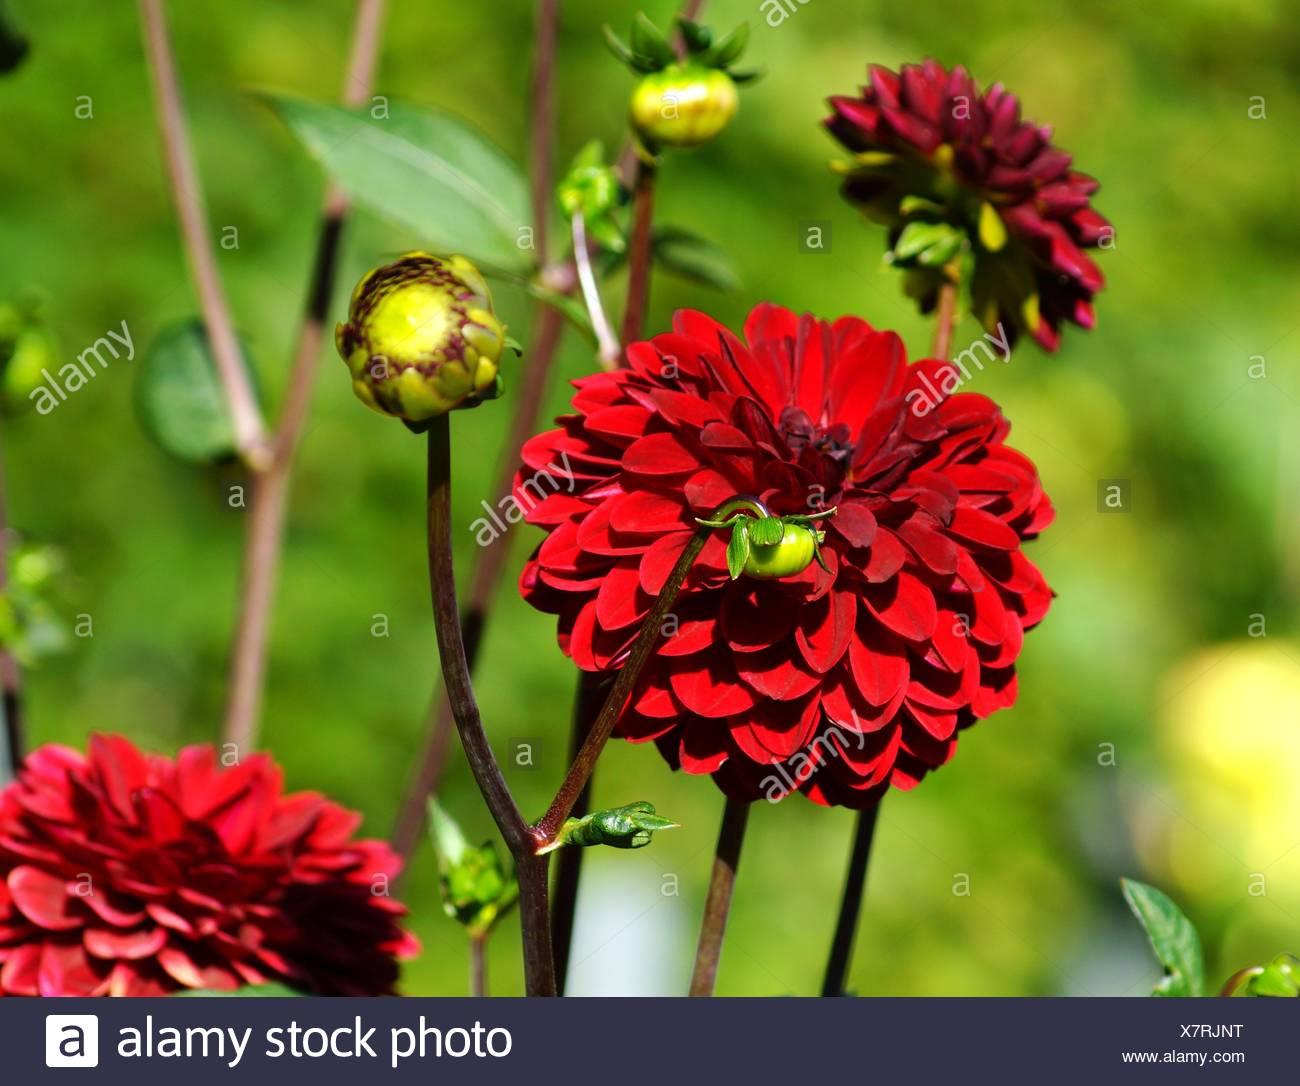 Schön Frühlingsblumen Färbung Bilder - Druckbare Malvorlagen ...